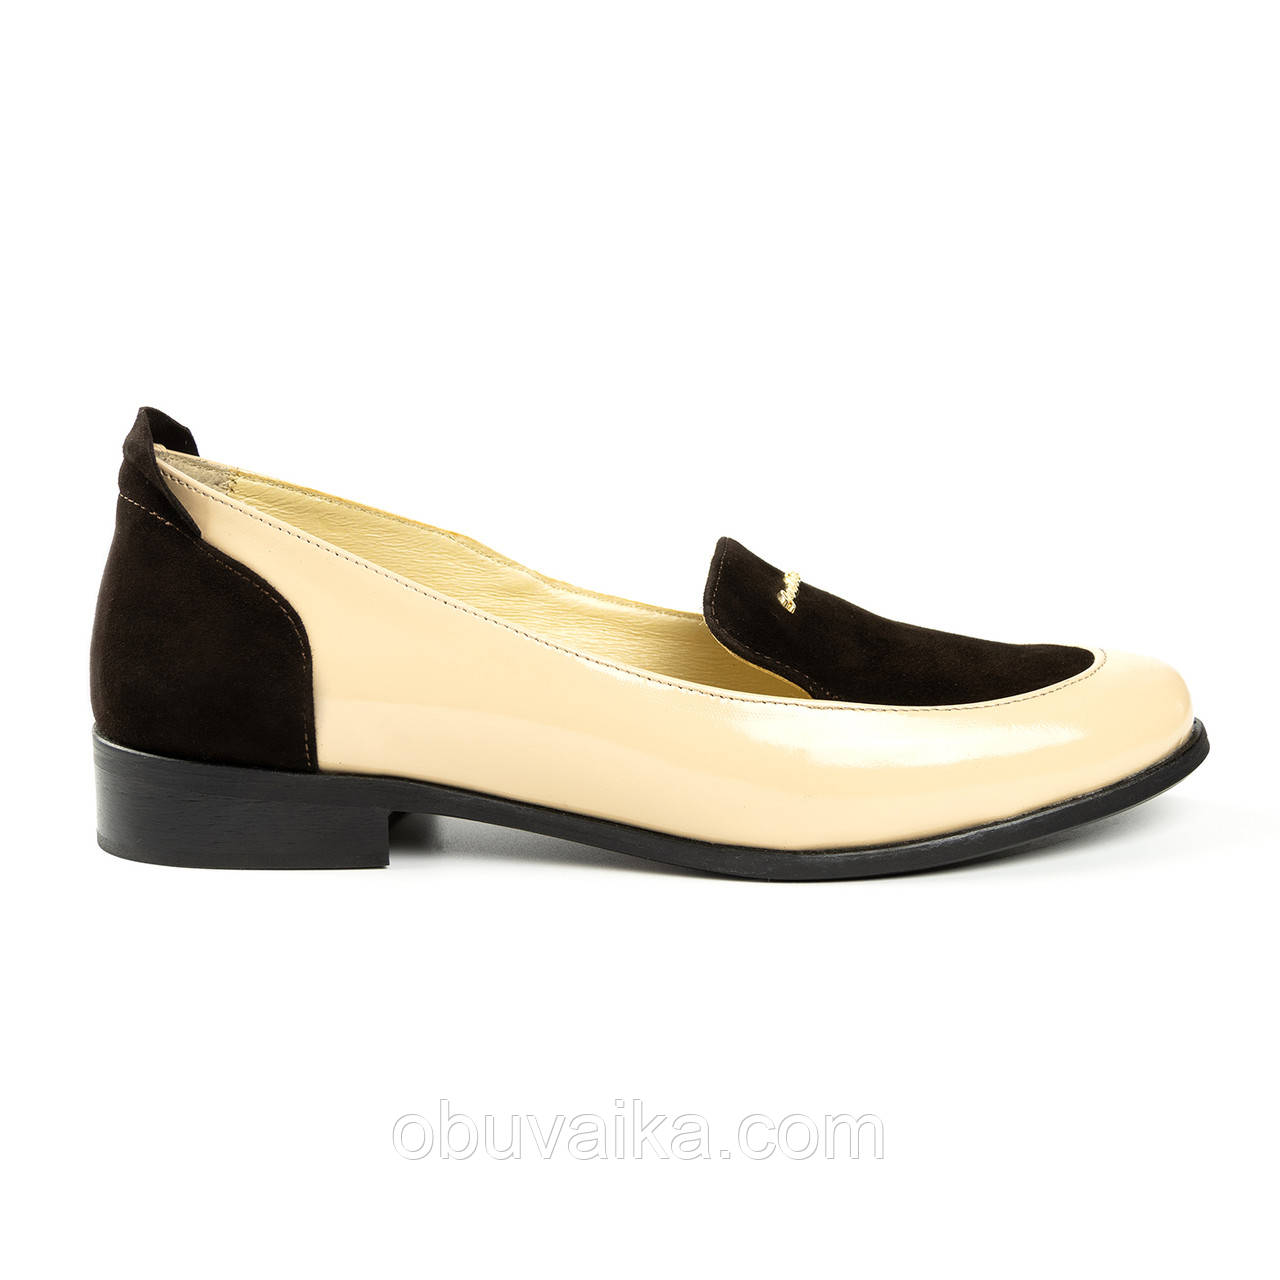 Женские туфли лоферы Woman's heel бежевые кожаные со вставками из замши